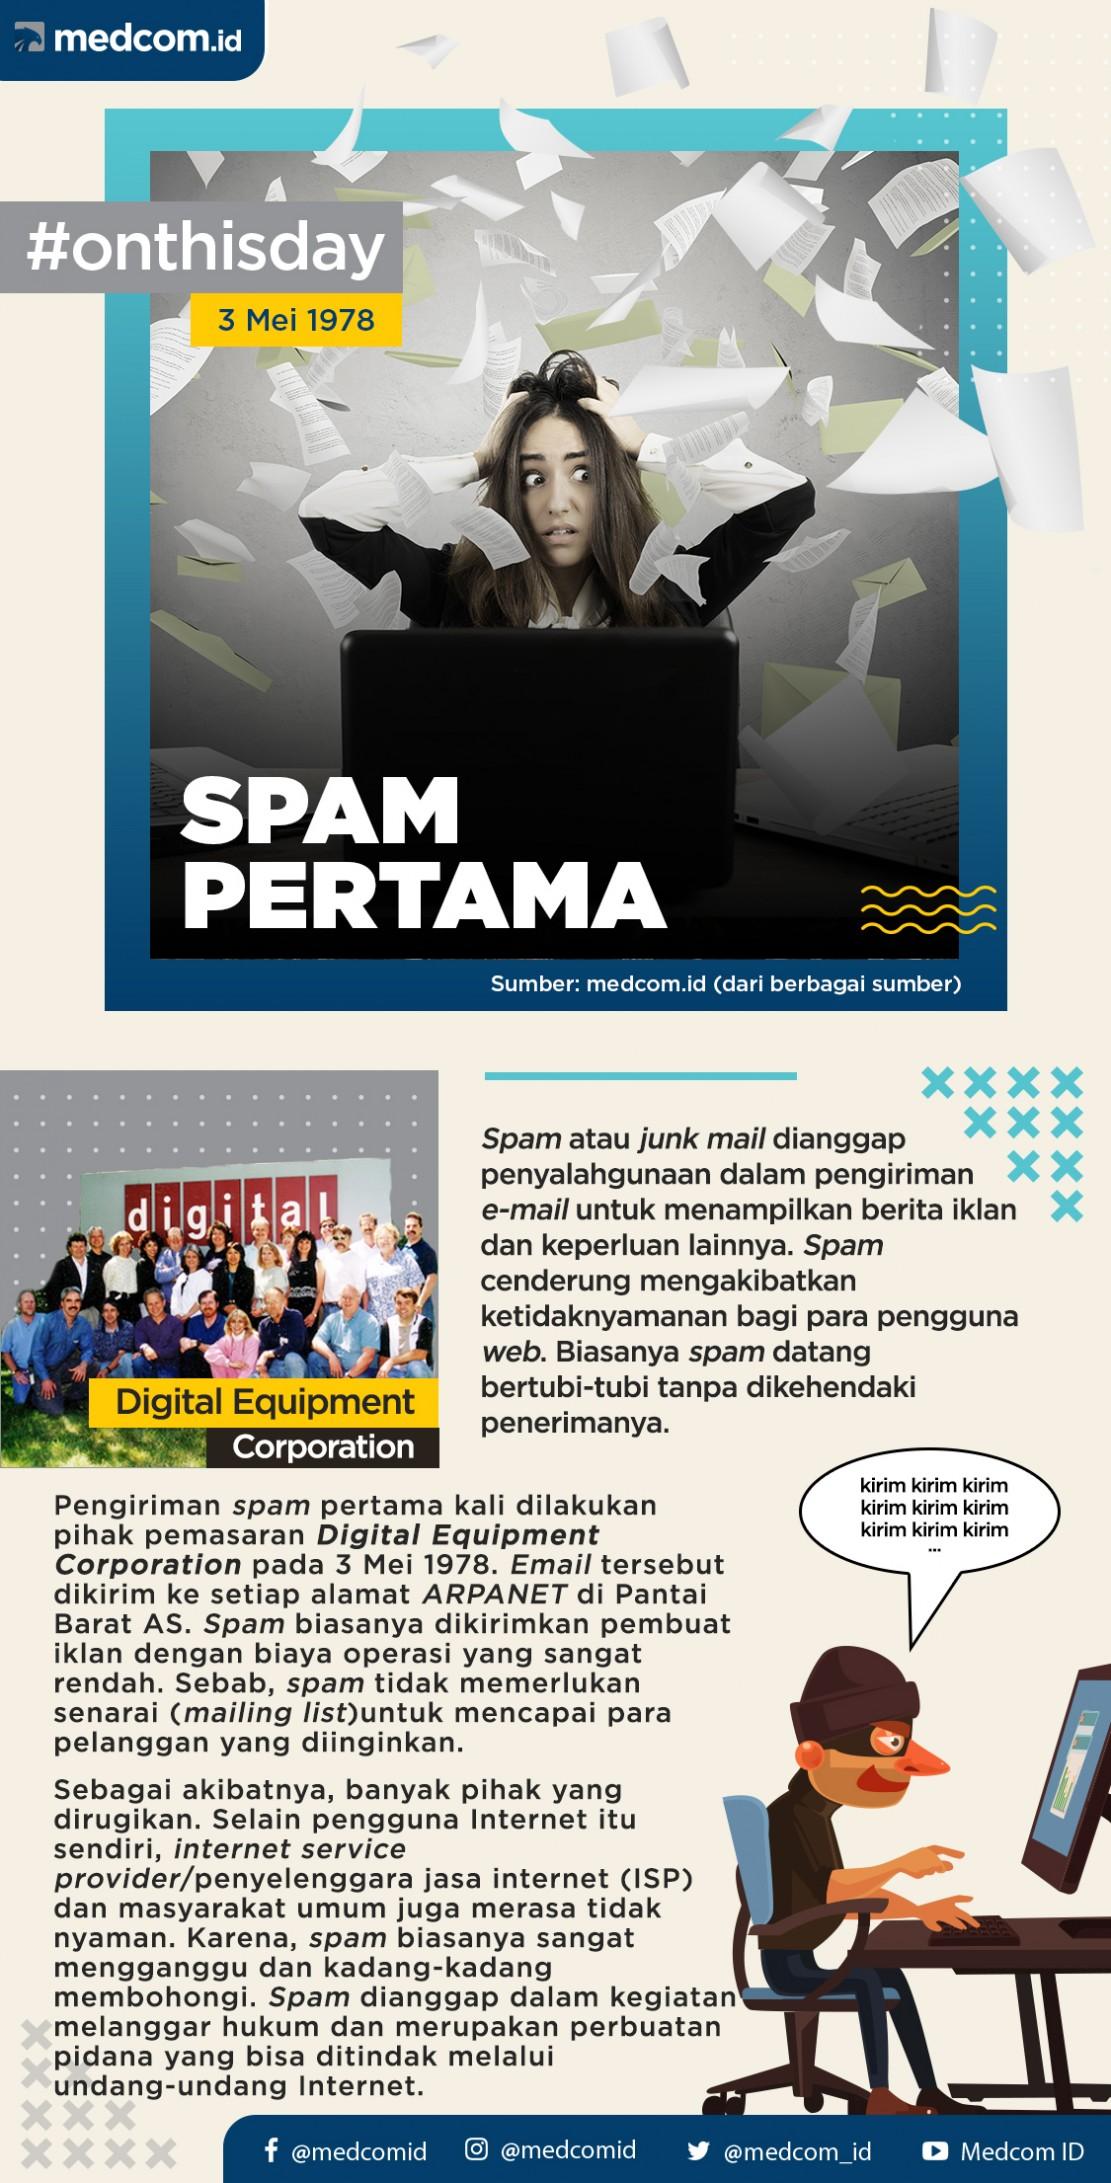 Pada Hari Ini: Spam Pertama